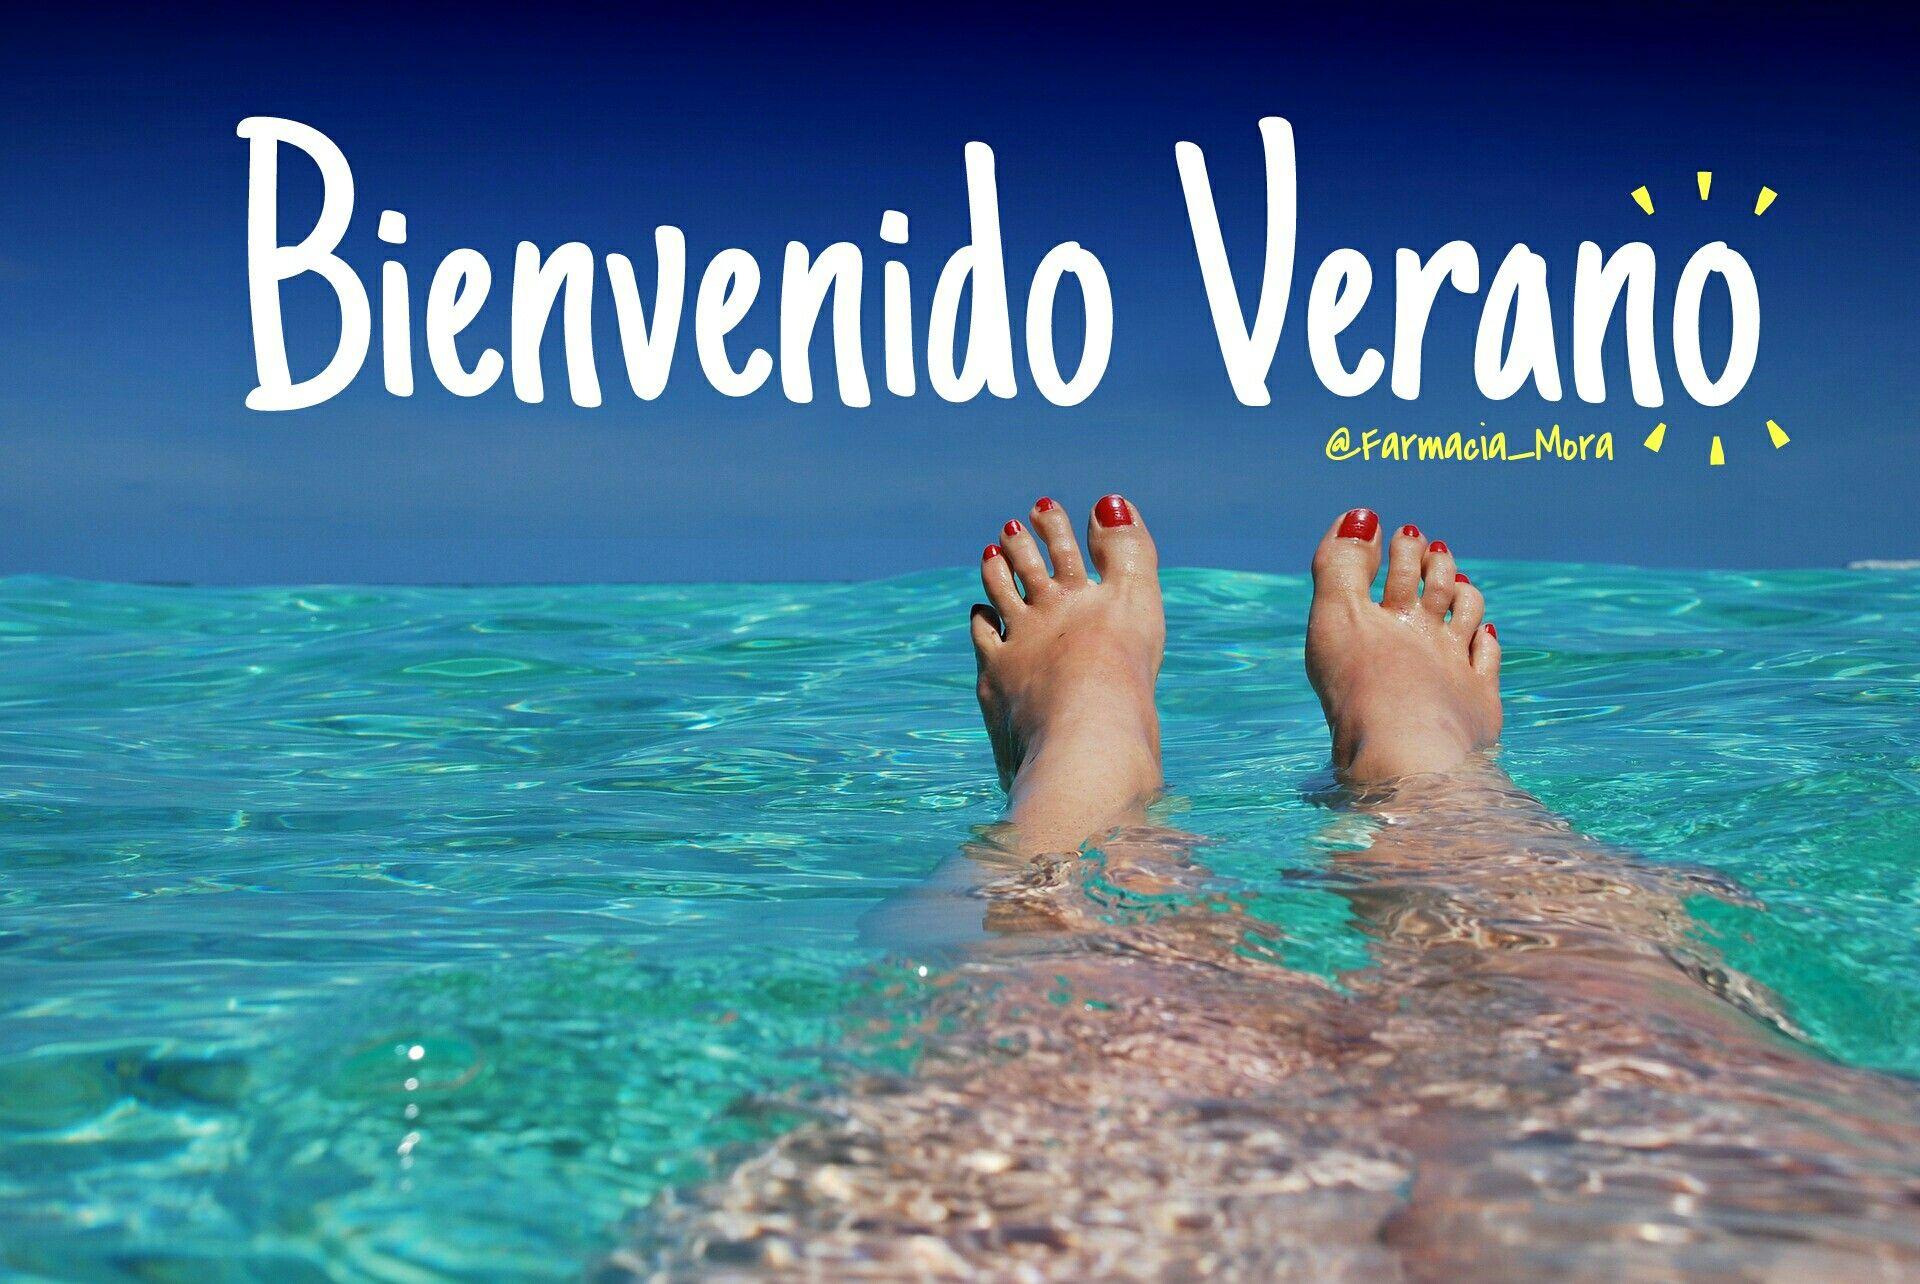 Ya Es Oficial Bienvenido Verano Bienvenido Verano Guardamar Del Segura Escribir Palabras